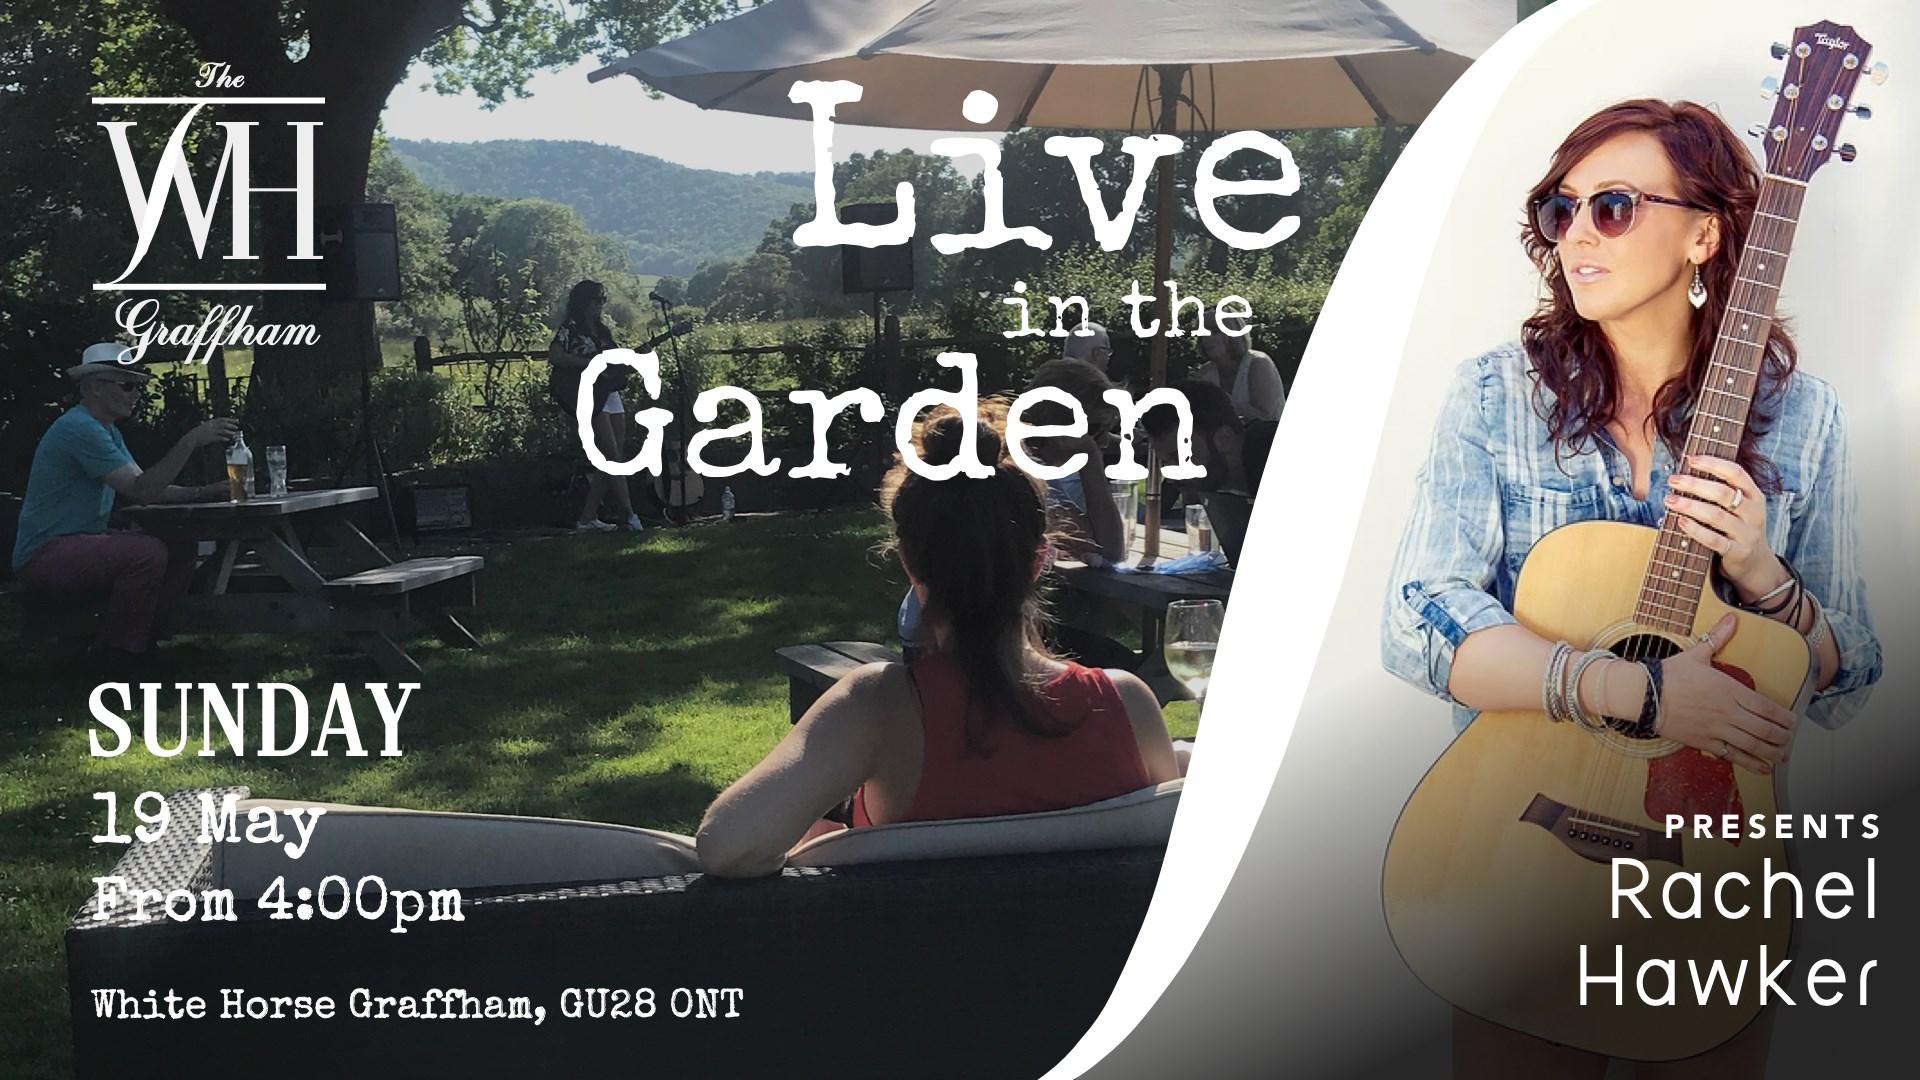 Live in The Garden presents Rachel Hawker